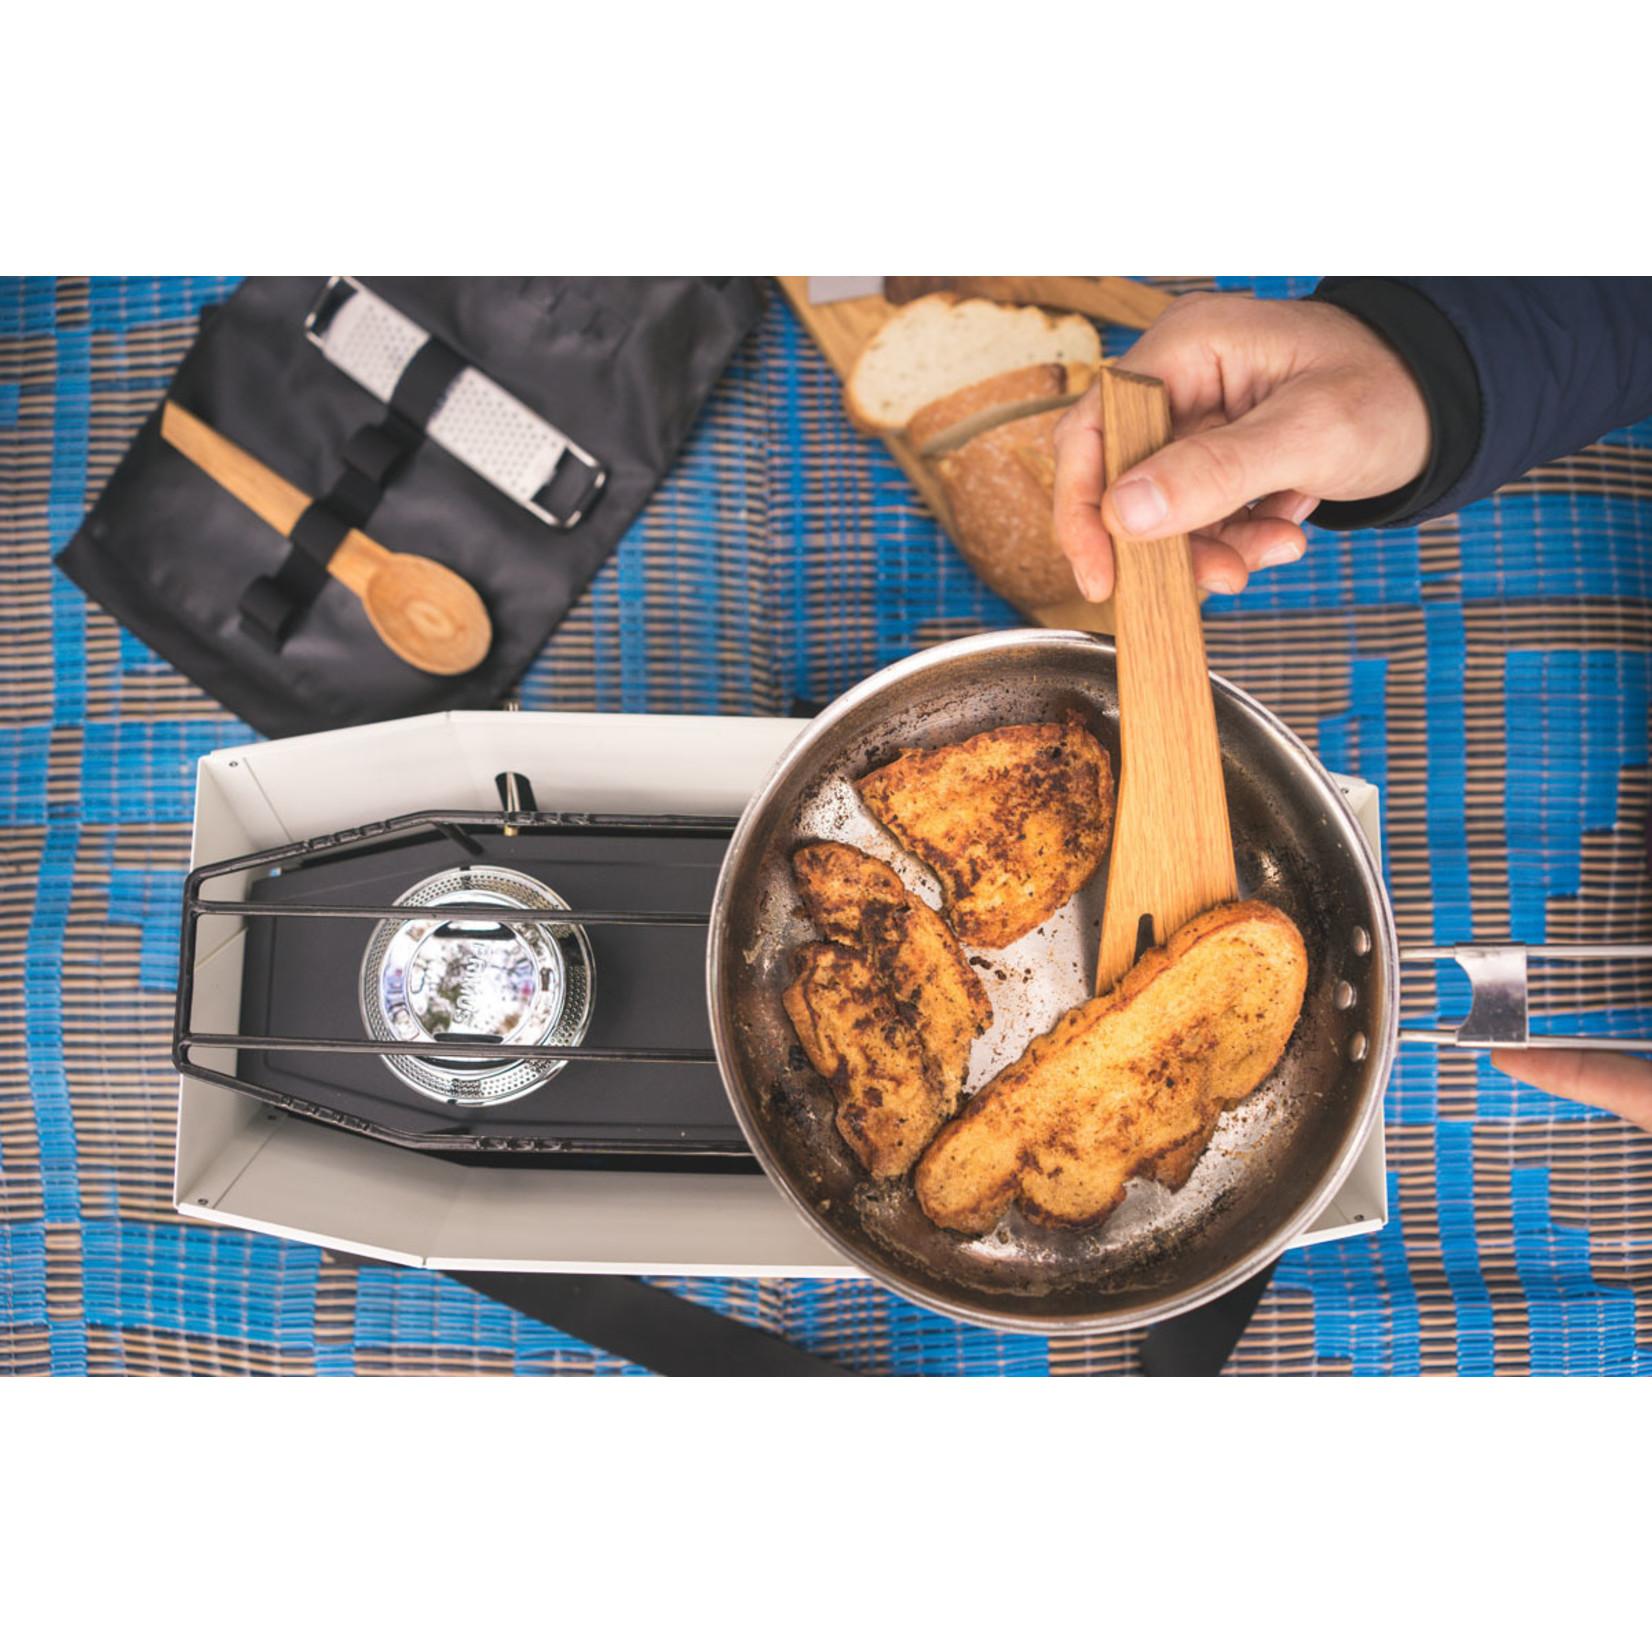 Primus Primus Onja kooktoestel, twee pits brander grijs